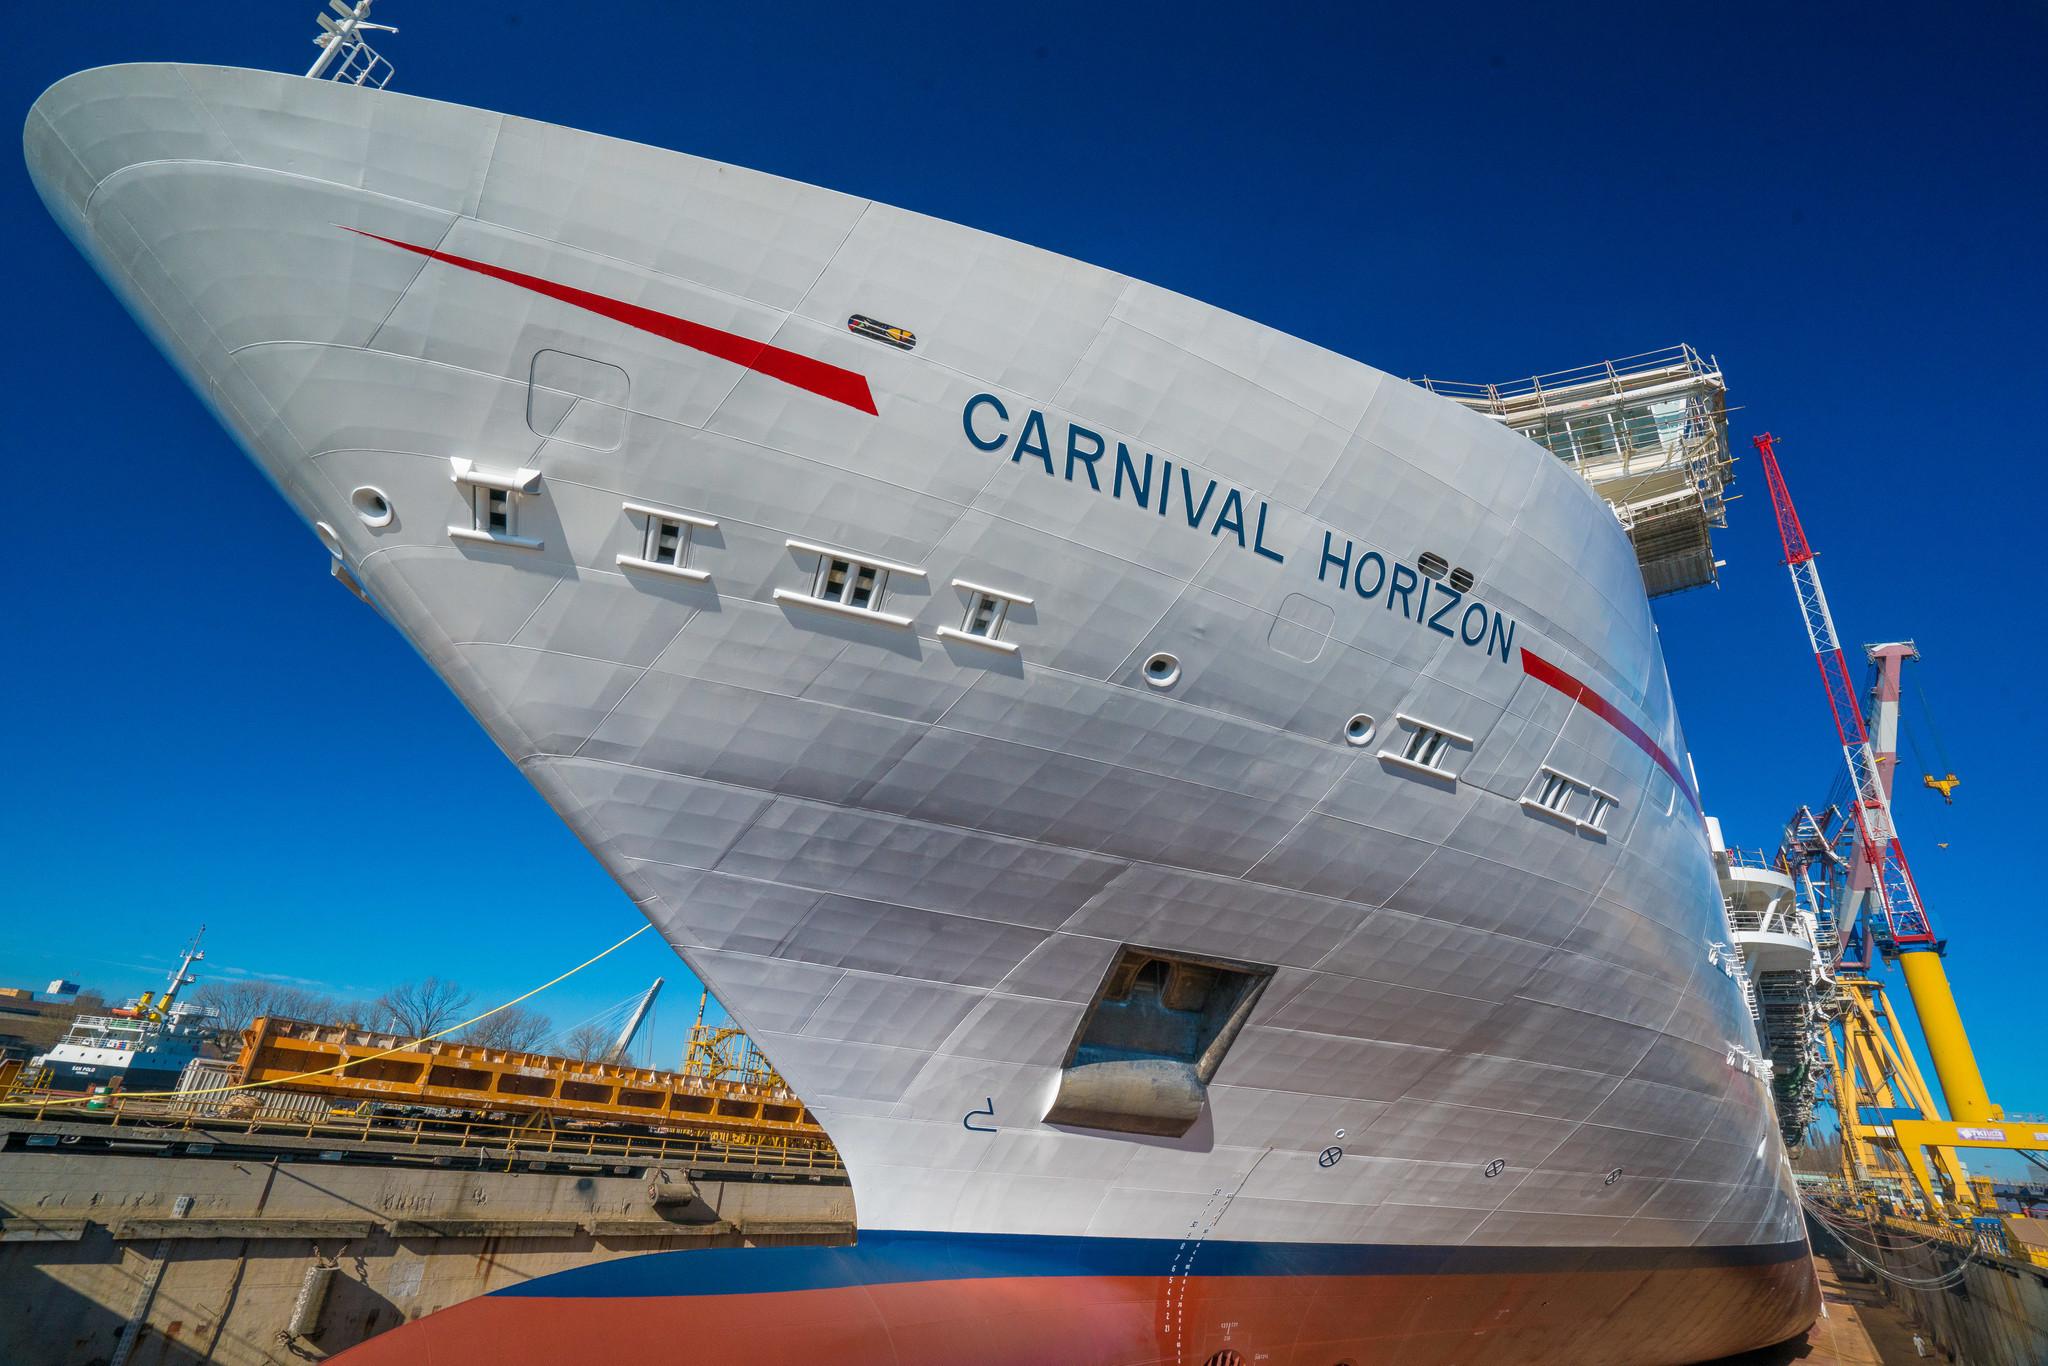 Florida Bound Carnival Horizon Reaches Construction